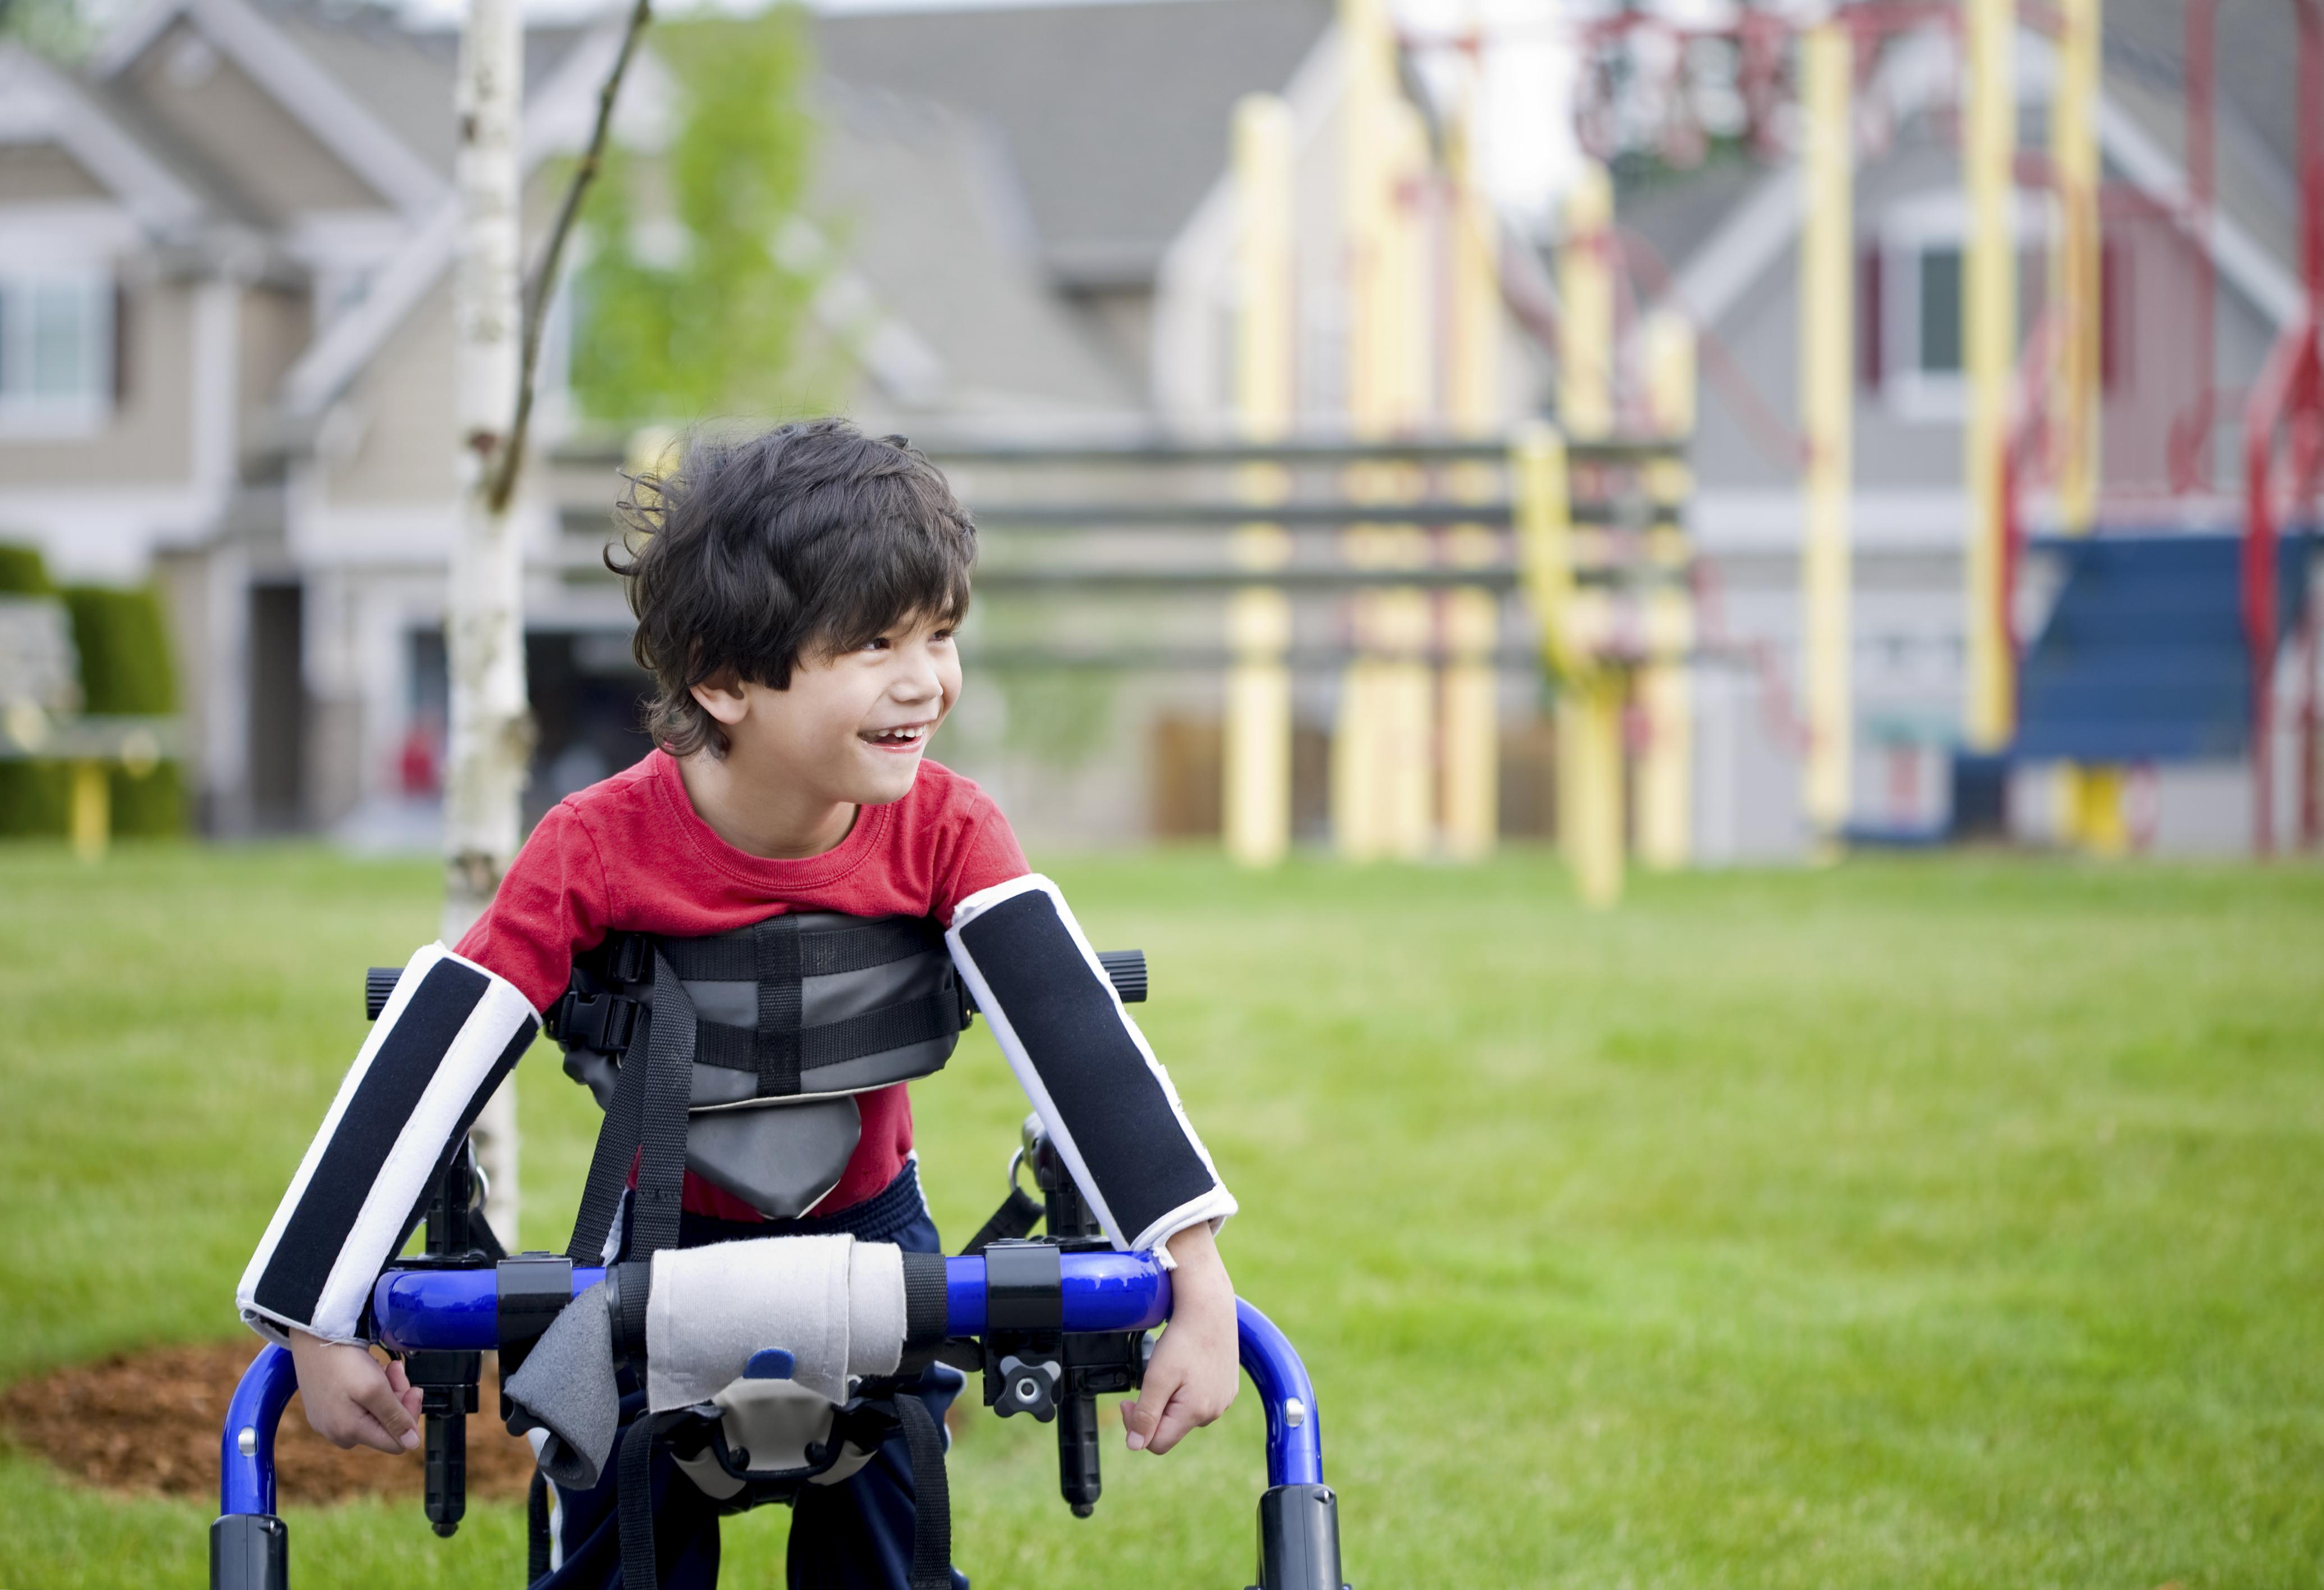 Personer med cerebral pares har nedsatt rörelseförmåga, och kan ofta behöva hjälpmedel såsom stödskenor.